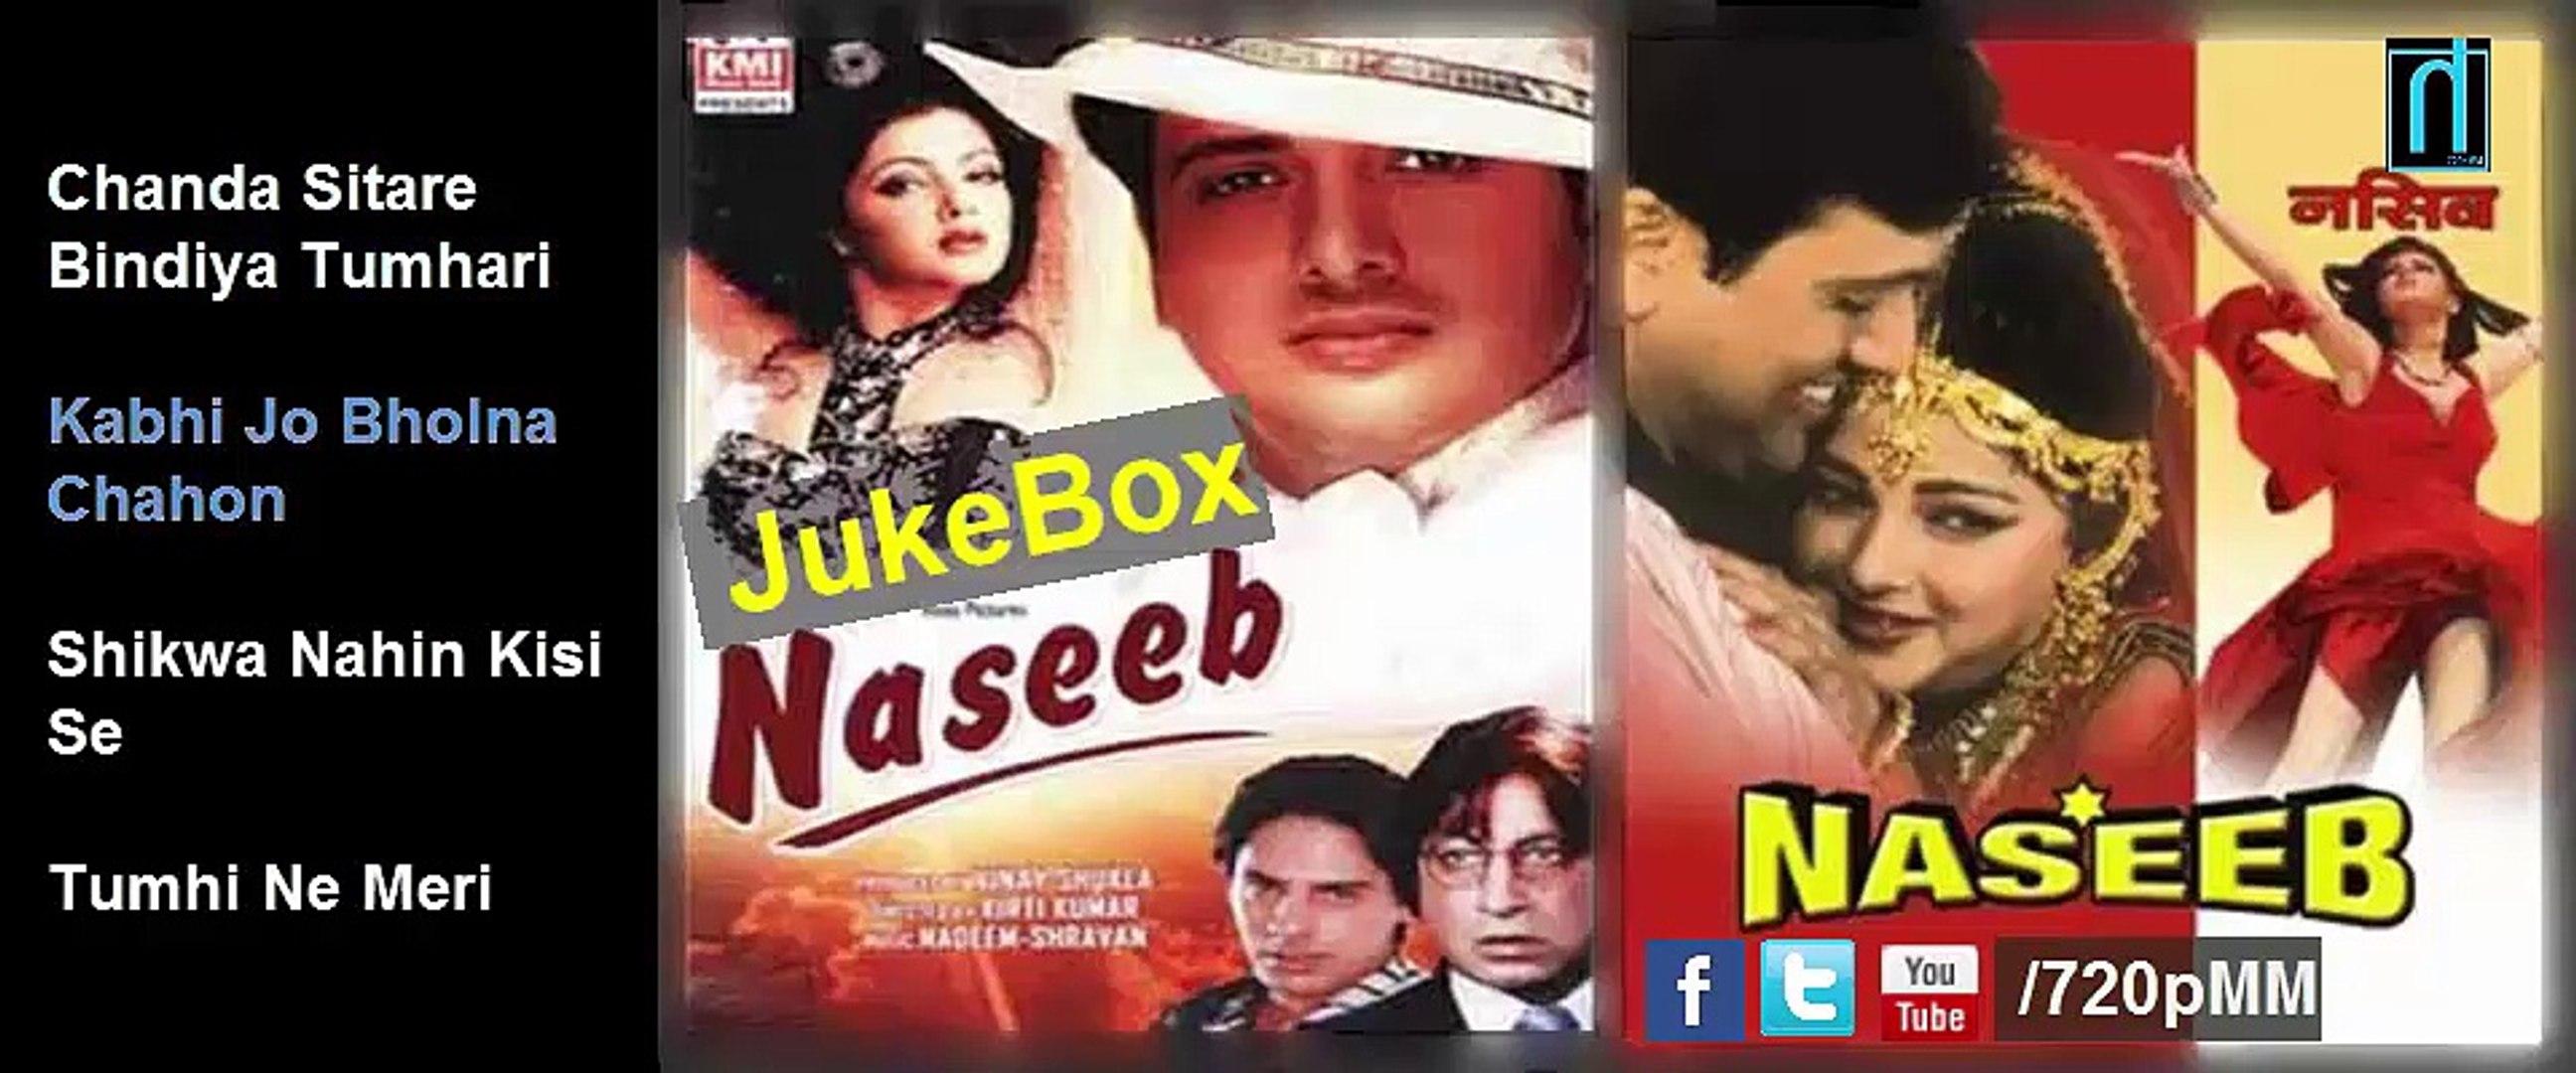 Naseeb Jukebox Govinda Full Album Songs By Mashupmovies